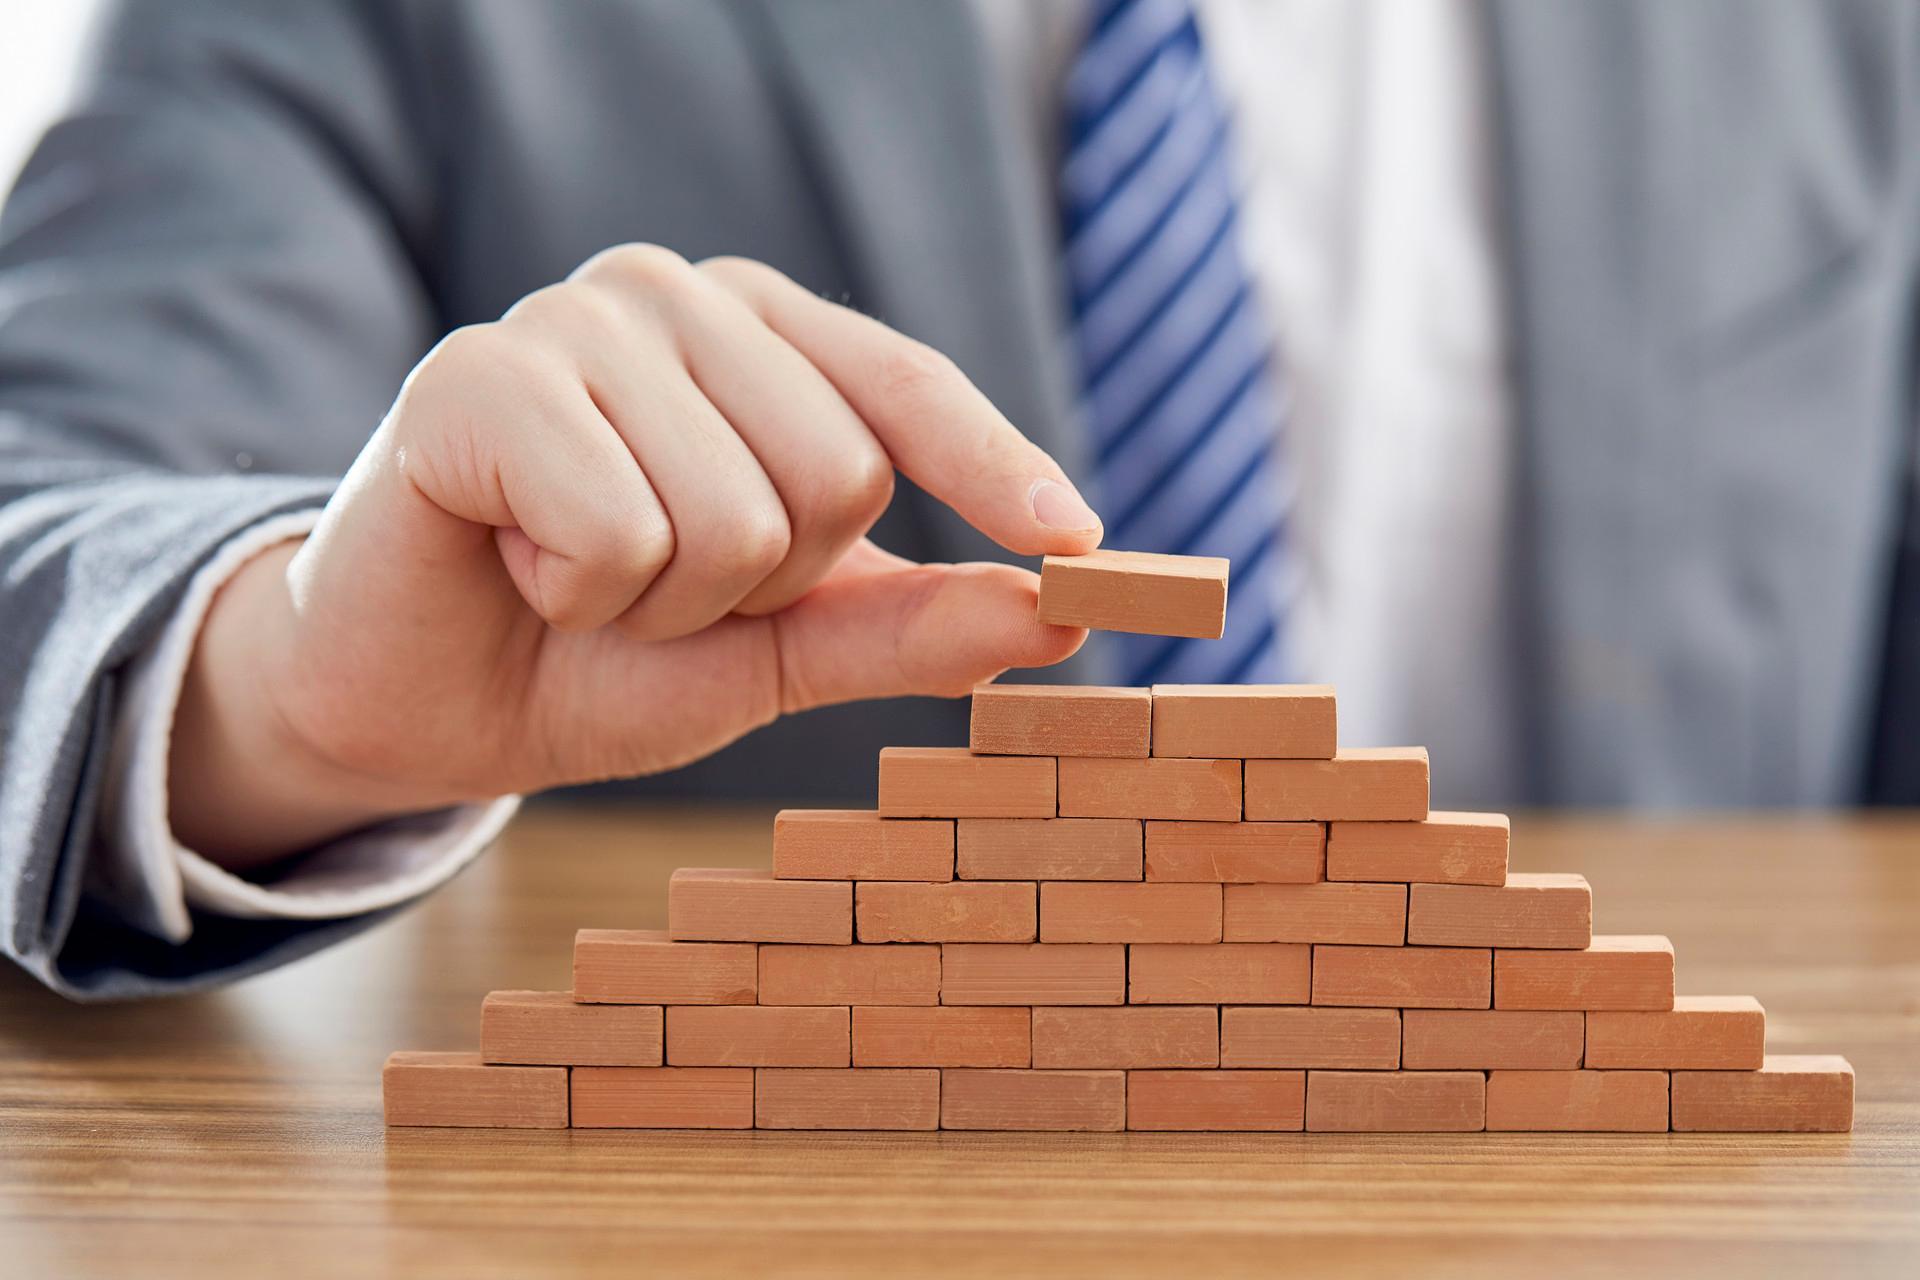 投资销售房价数据下滑 降温政策持续传导青岛房地产市场